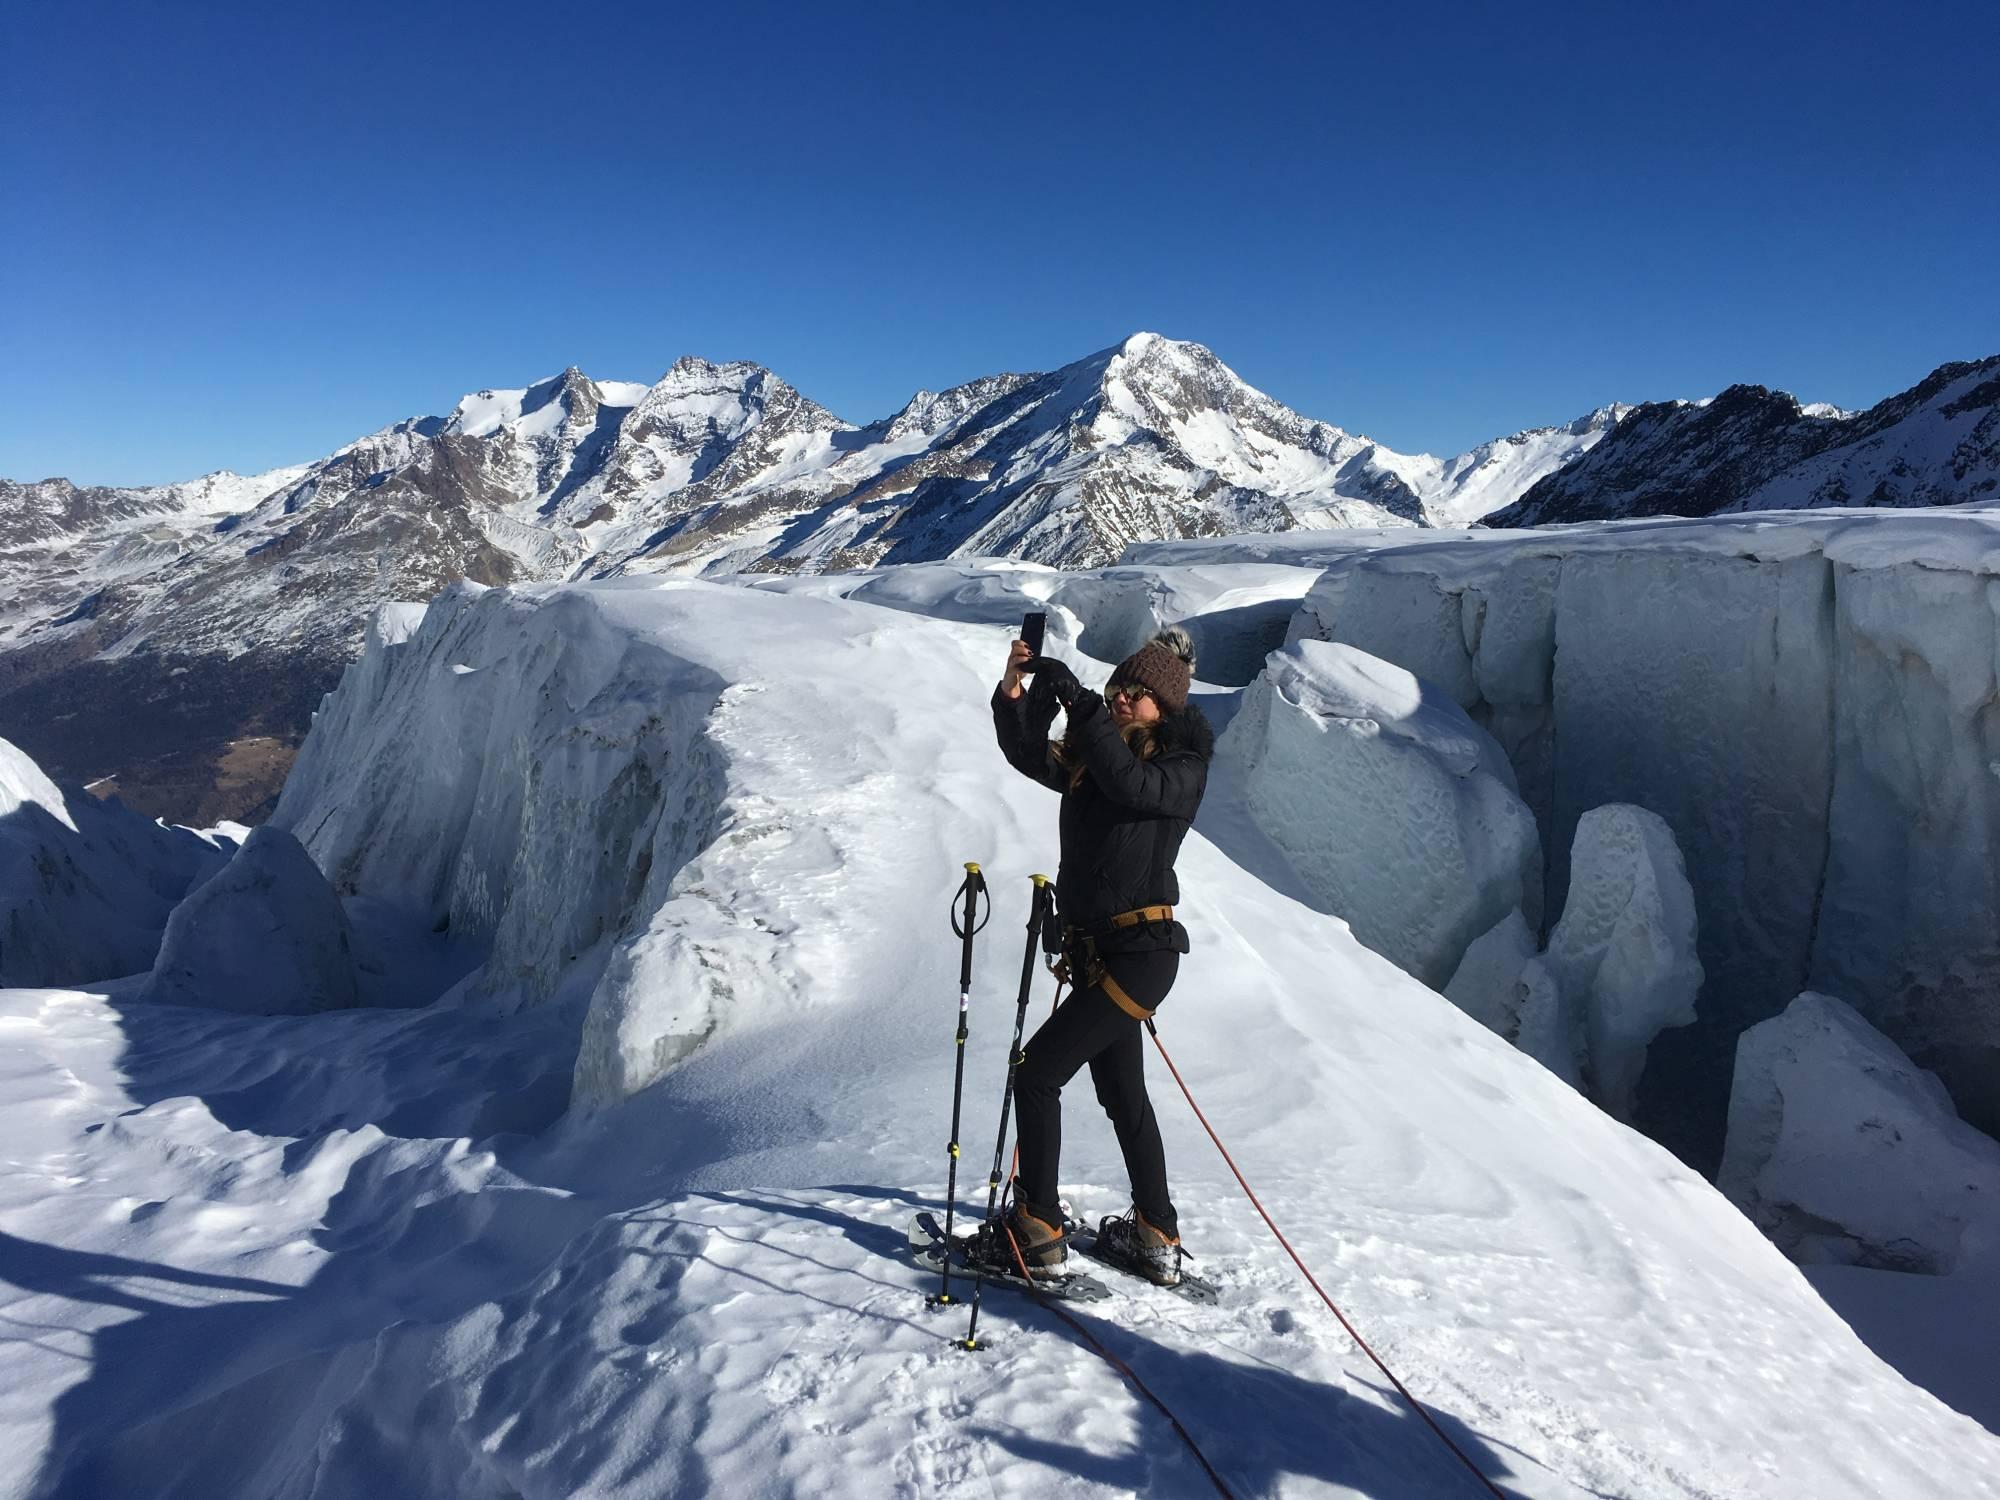 Klettergurt Für Gletscher : Gletscher erlebnis saas fee guides the mountain of